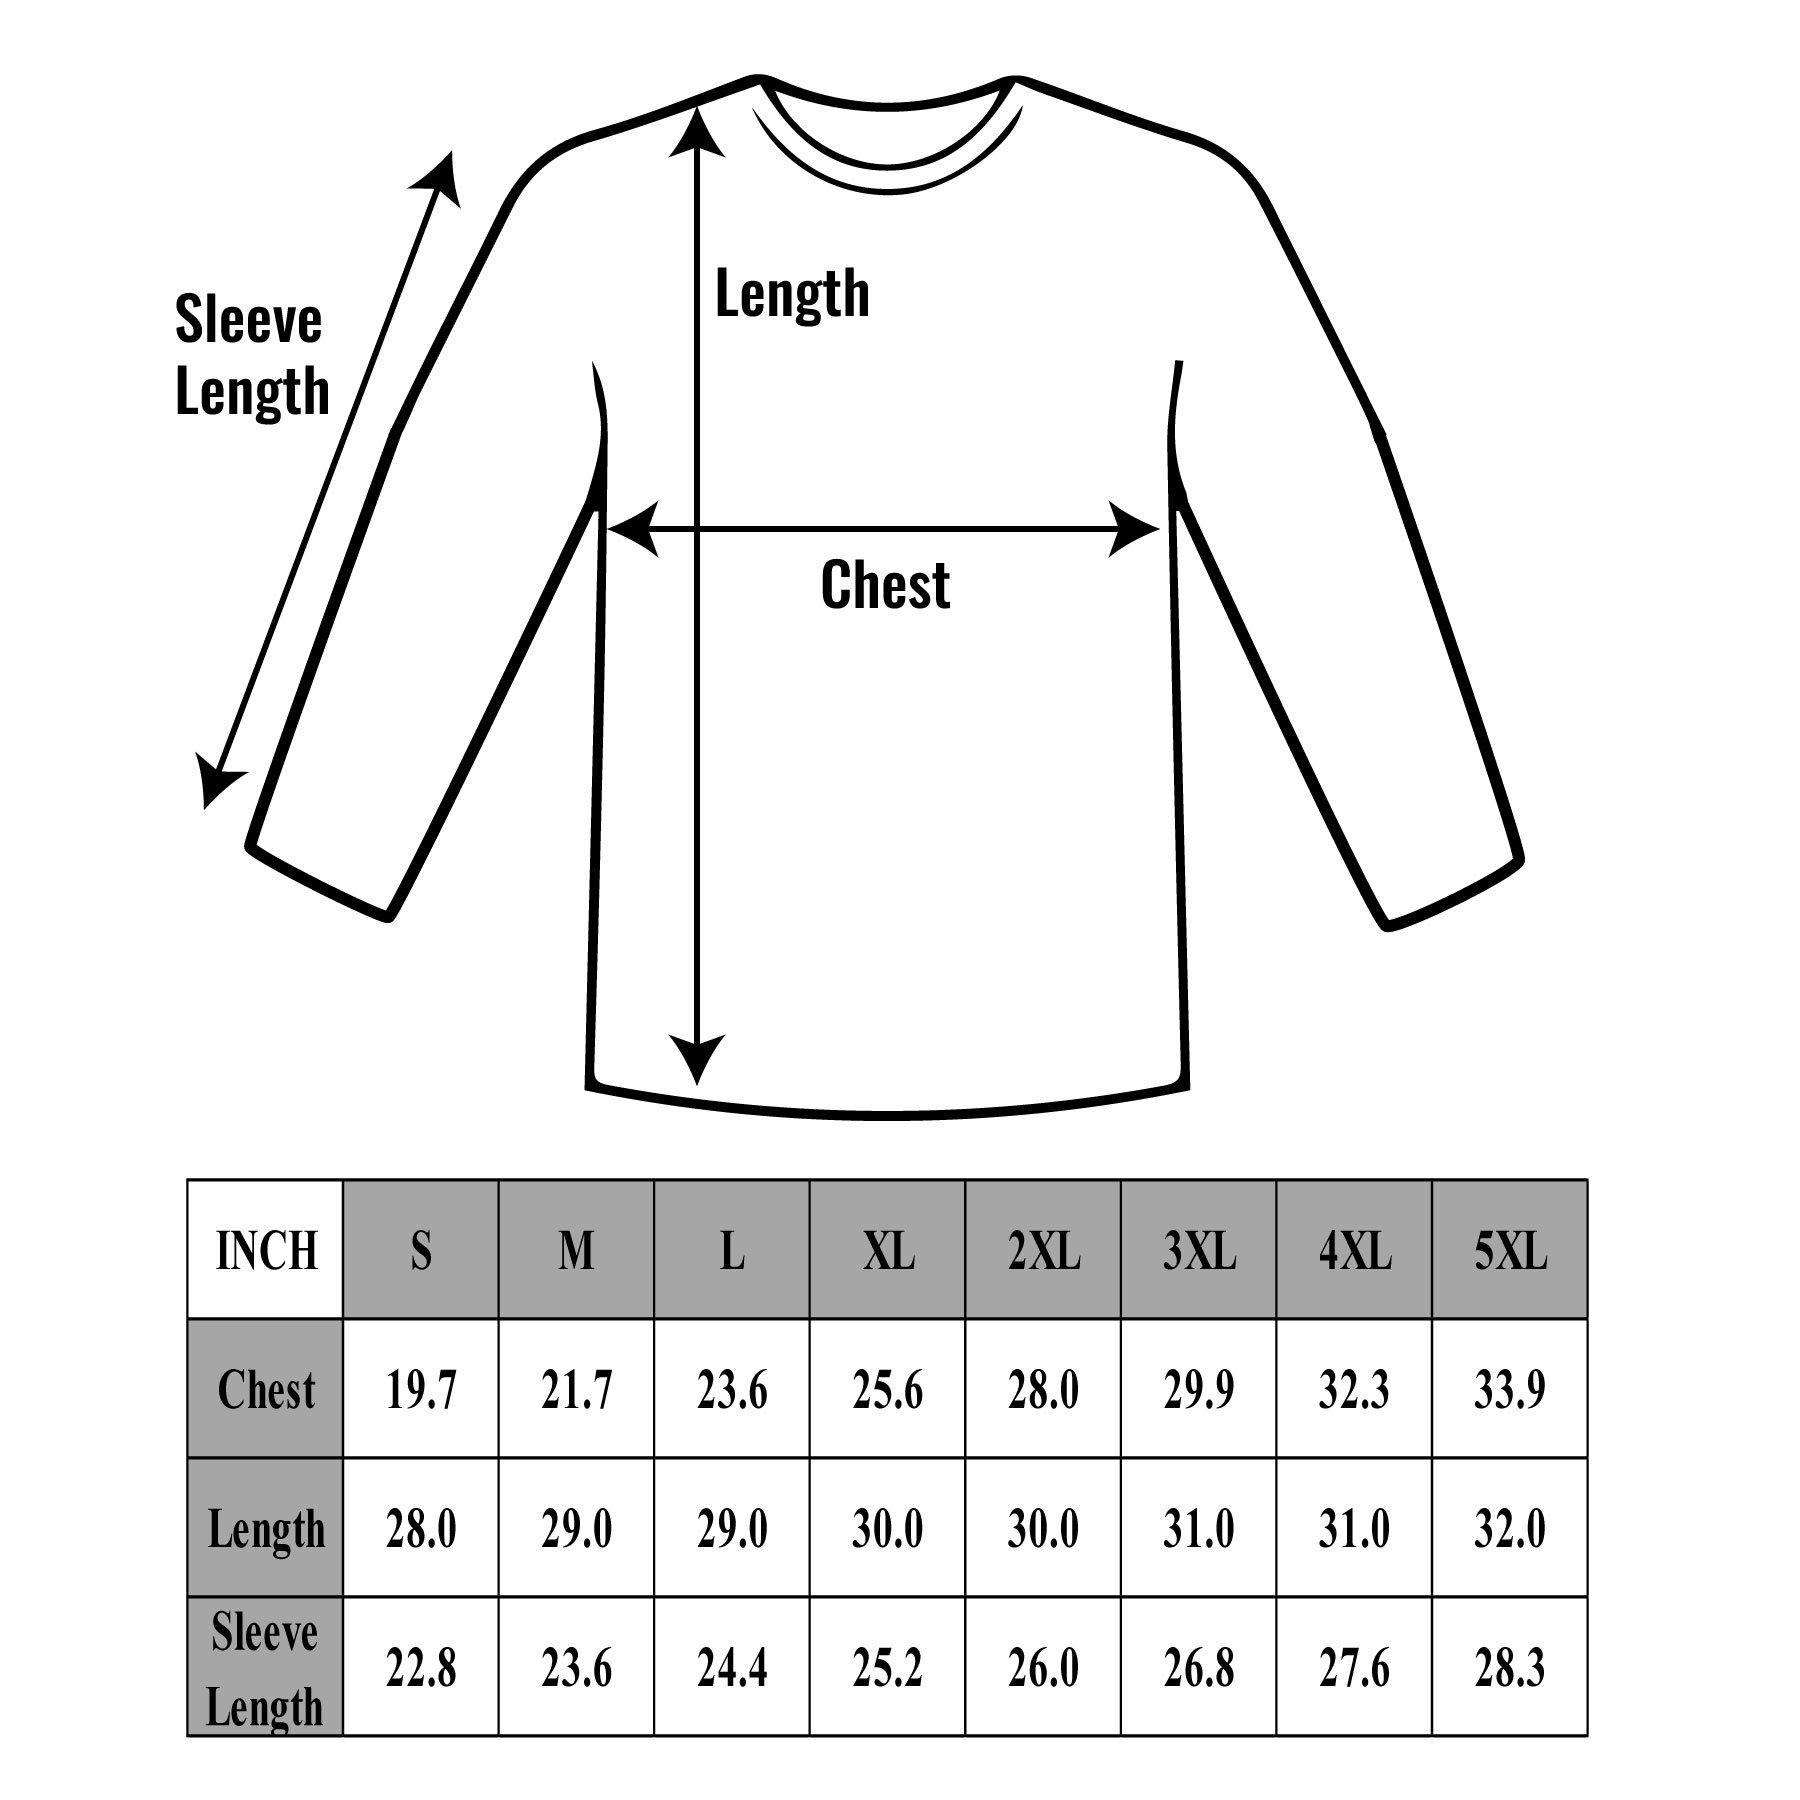 NY Hi-Viz Workwear L9091 Class 3 High Vis Reflective Long Sleeve ANSI Safety Shirt (Large, Orange) by New York Hi-Viz Workwear (Image #5)